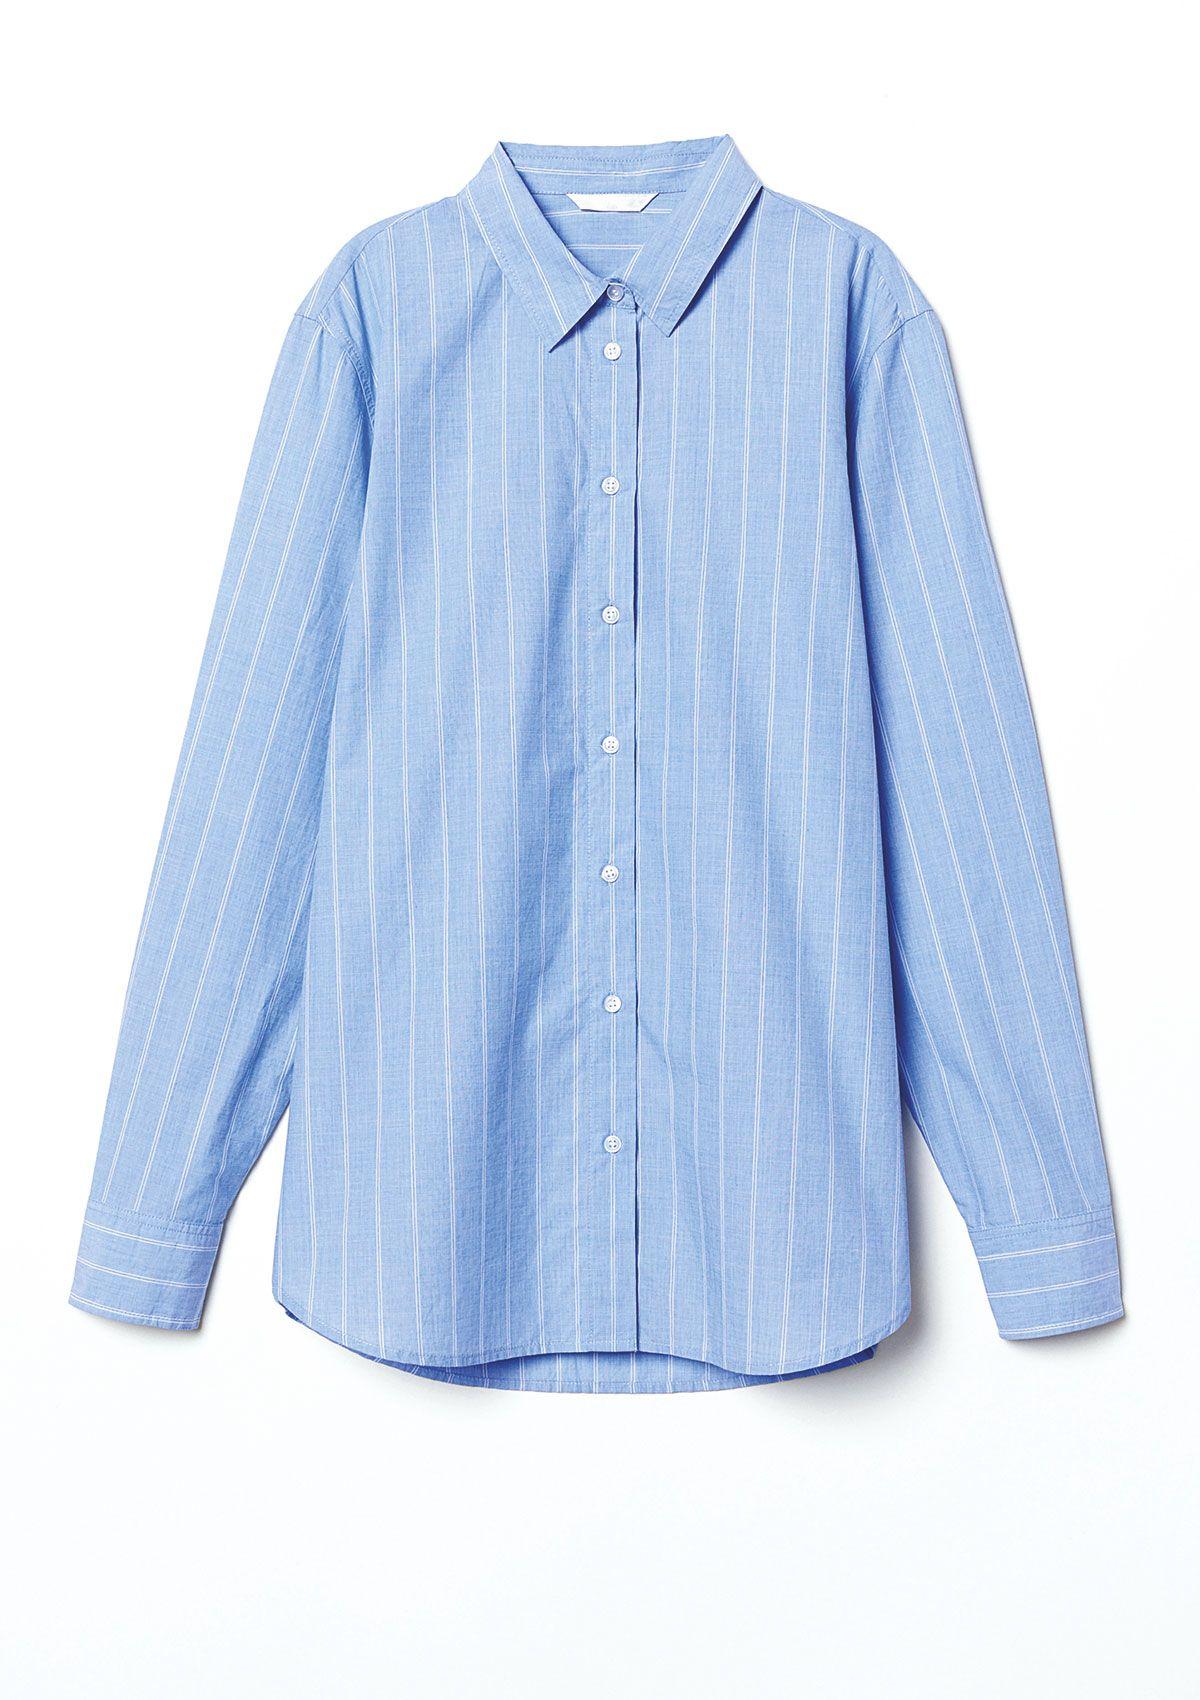 20 prendas para lucir el estilo masculino sin 'robar' la ropa a tu chico.